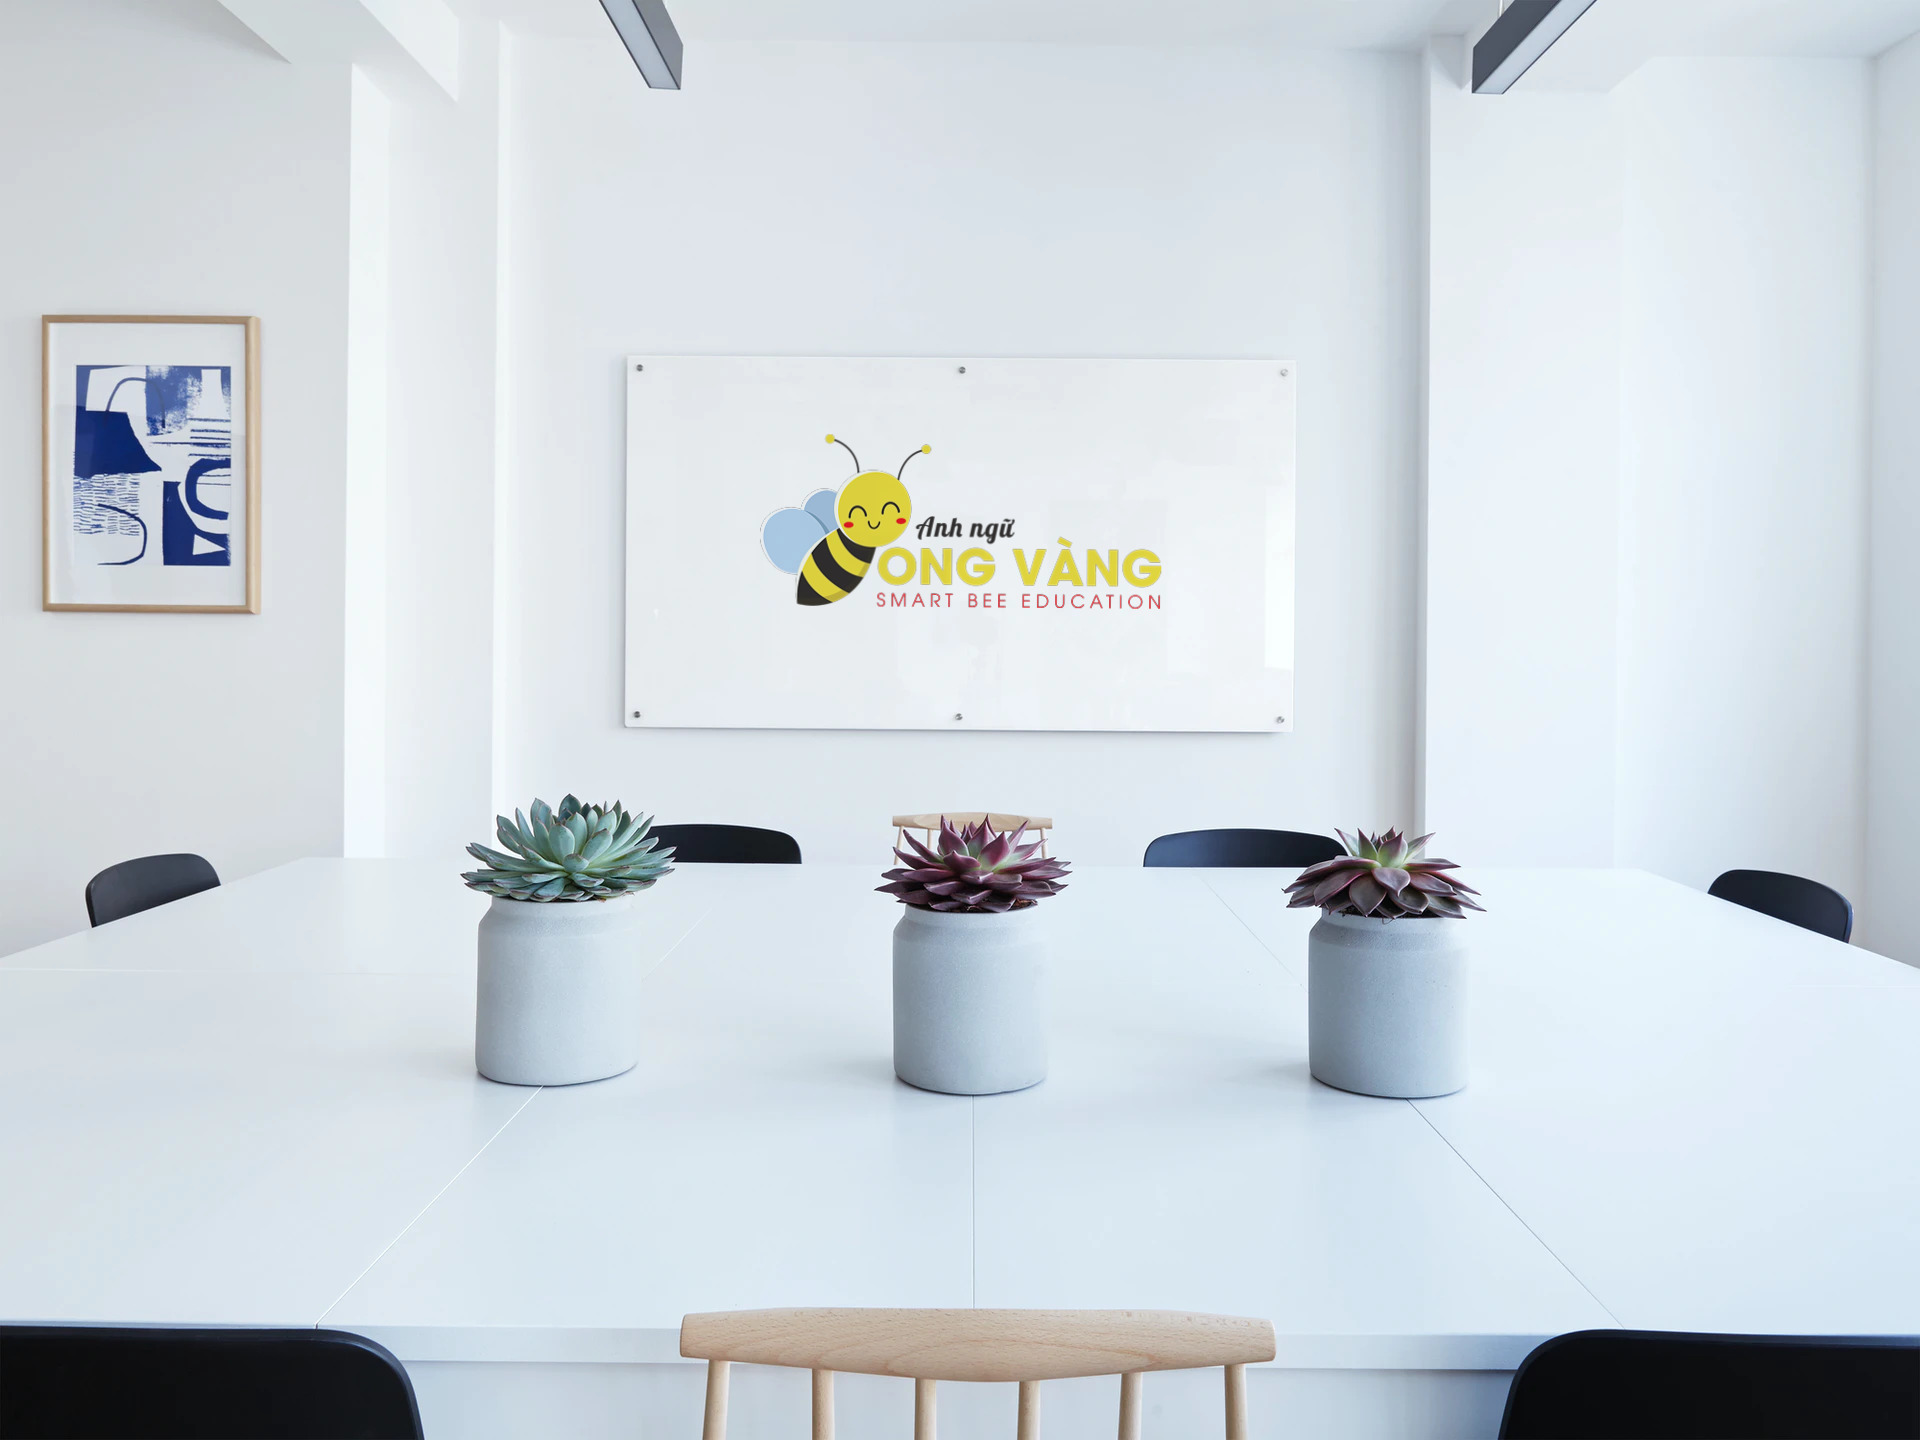 Anh ngữ Ong Vàng Smart Bee